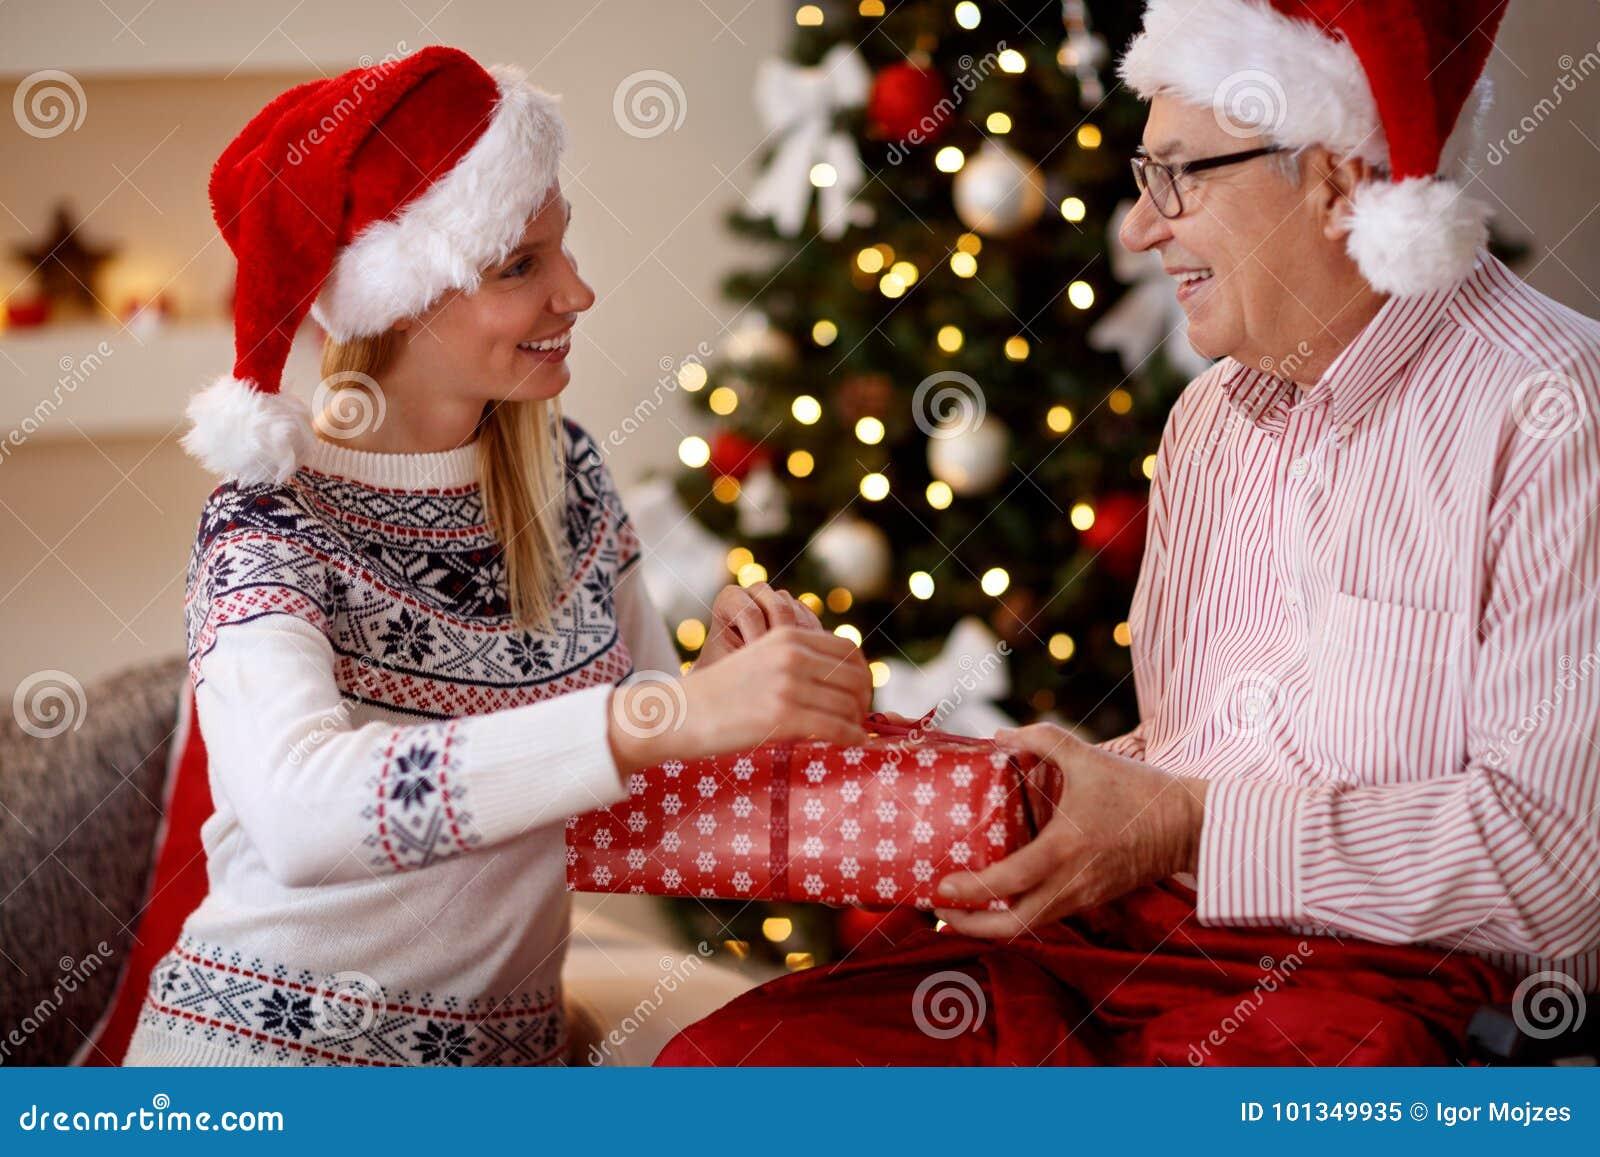 家庭、假日、圣诞节、年龄和人们-女儿和长辈